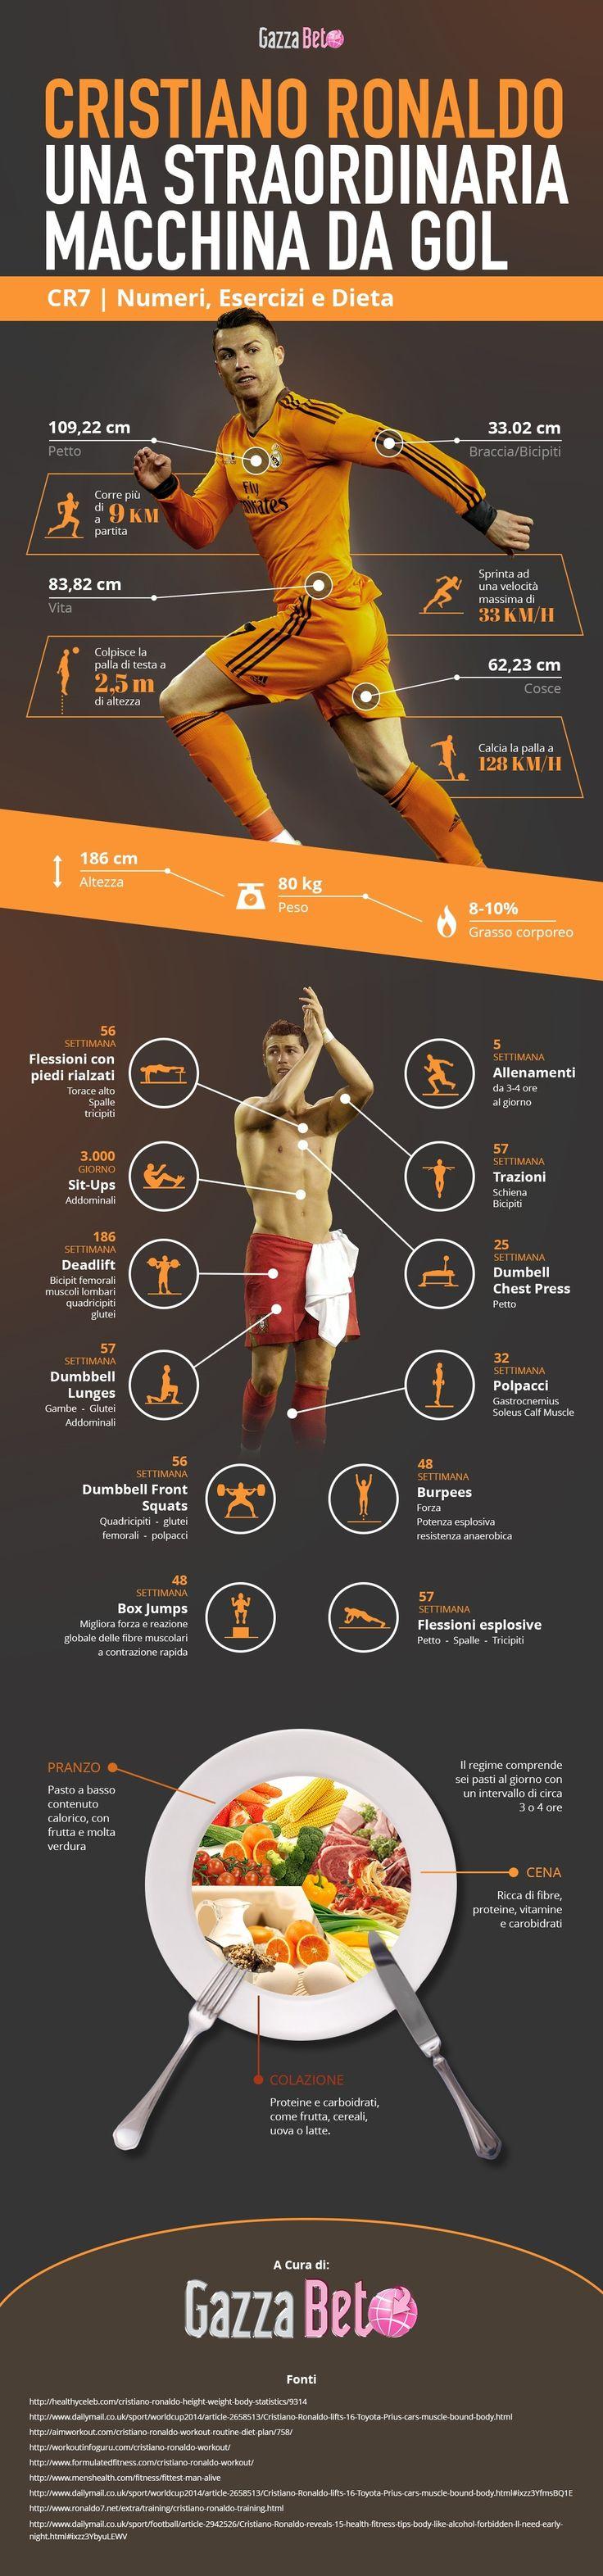 Cristiano Ronaldo - Fisico, Preparazione Atletica Calcio e Dieta - GazzaBet